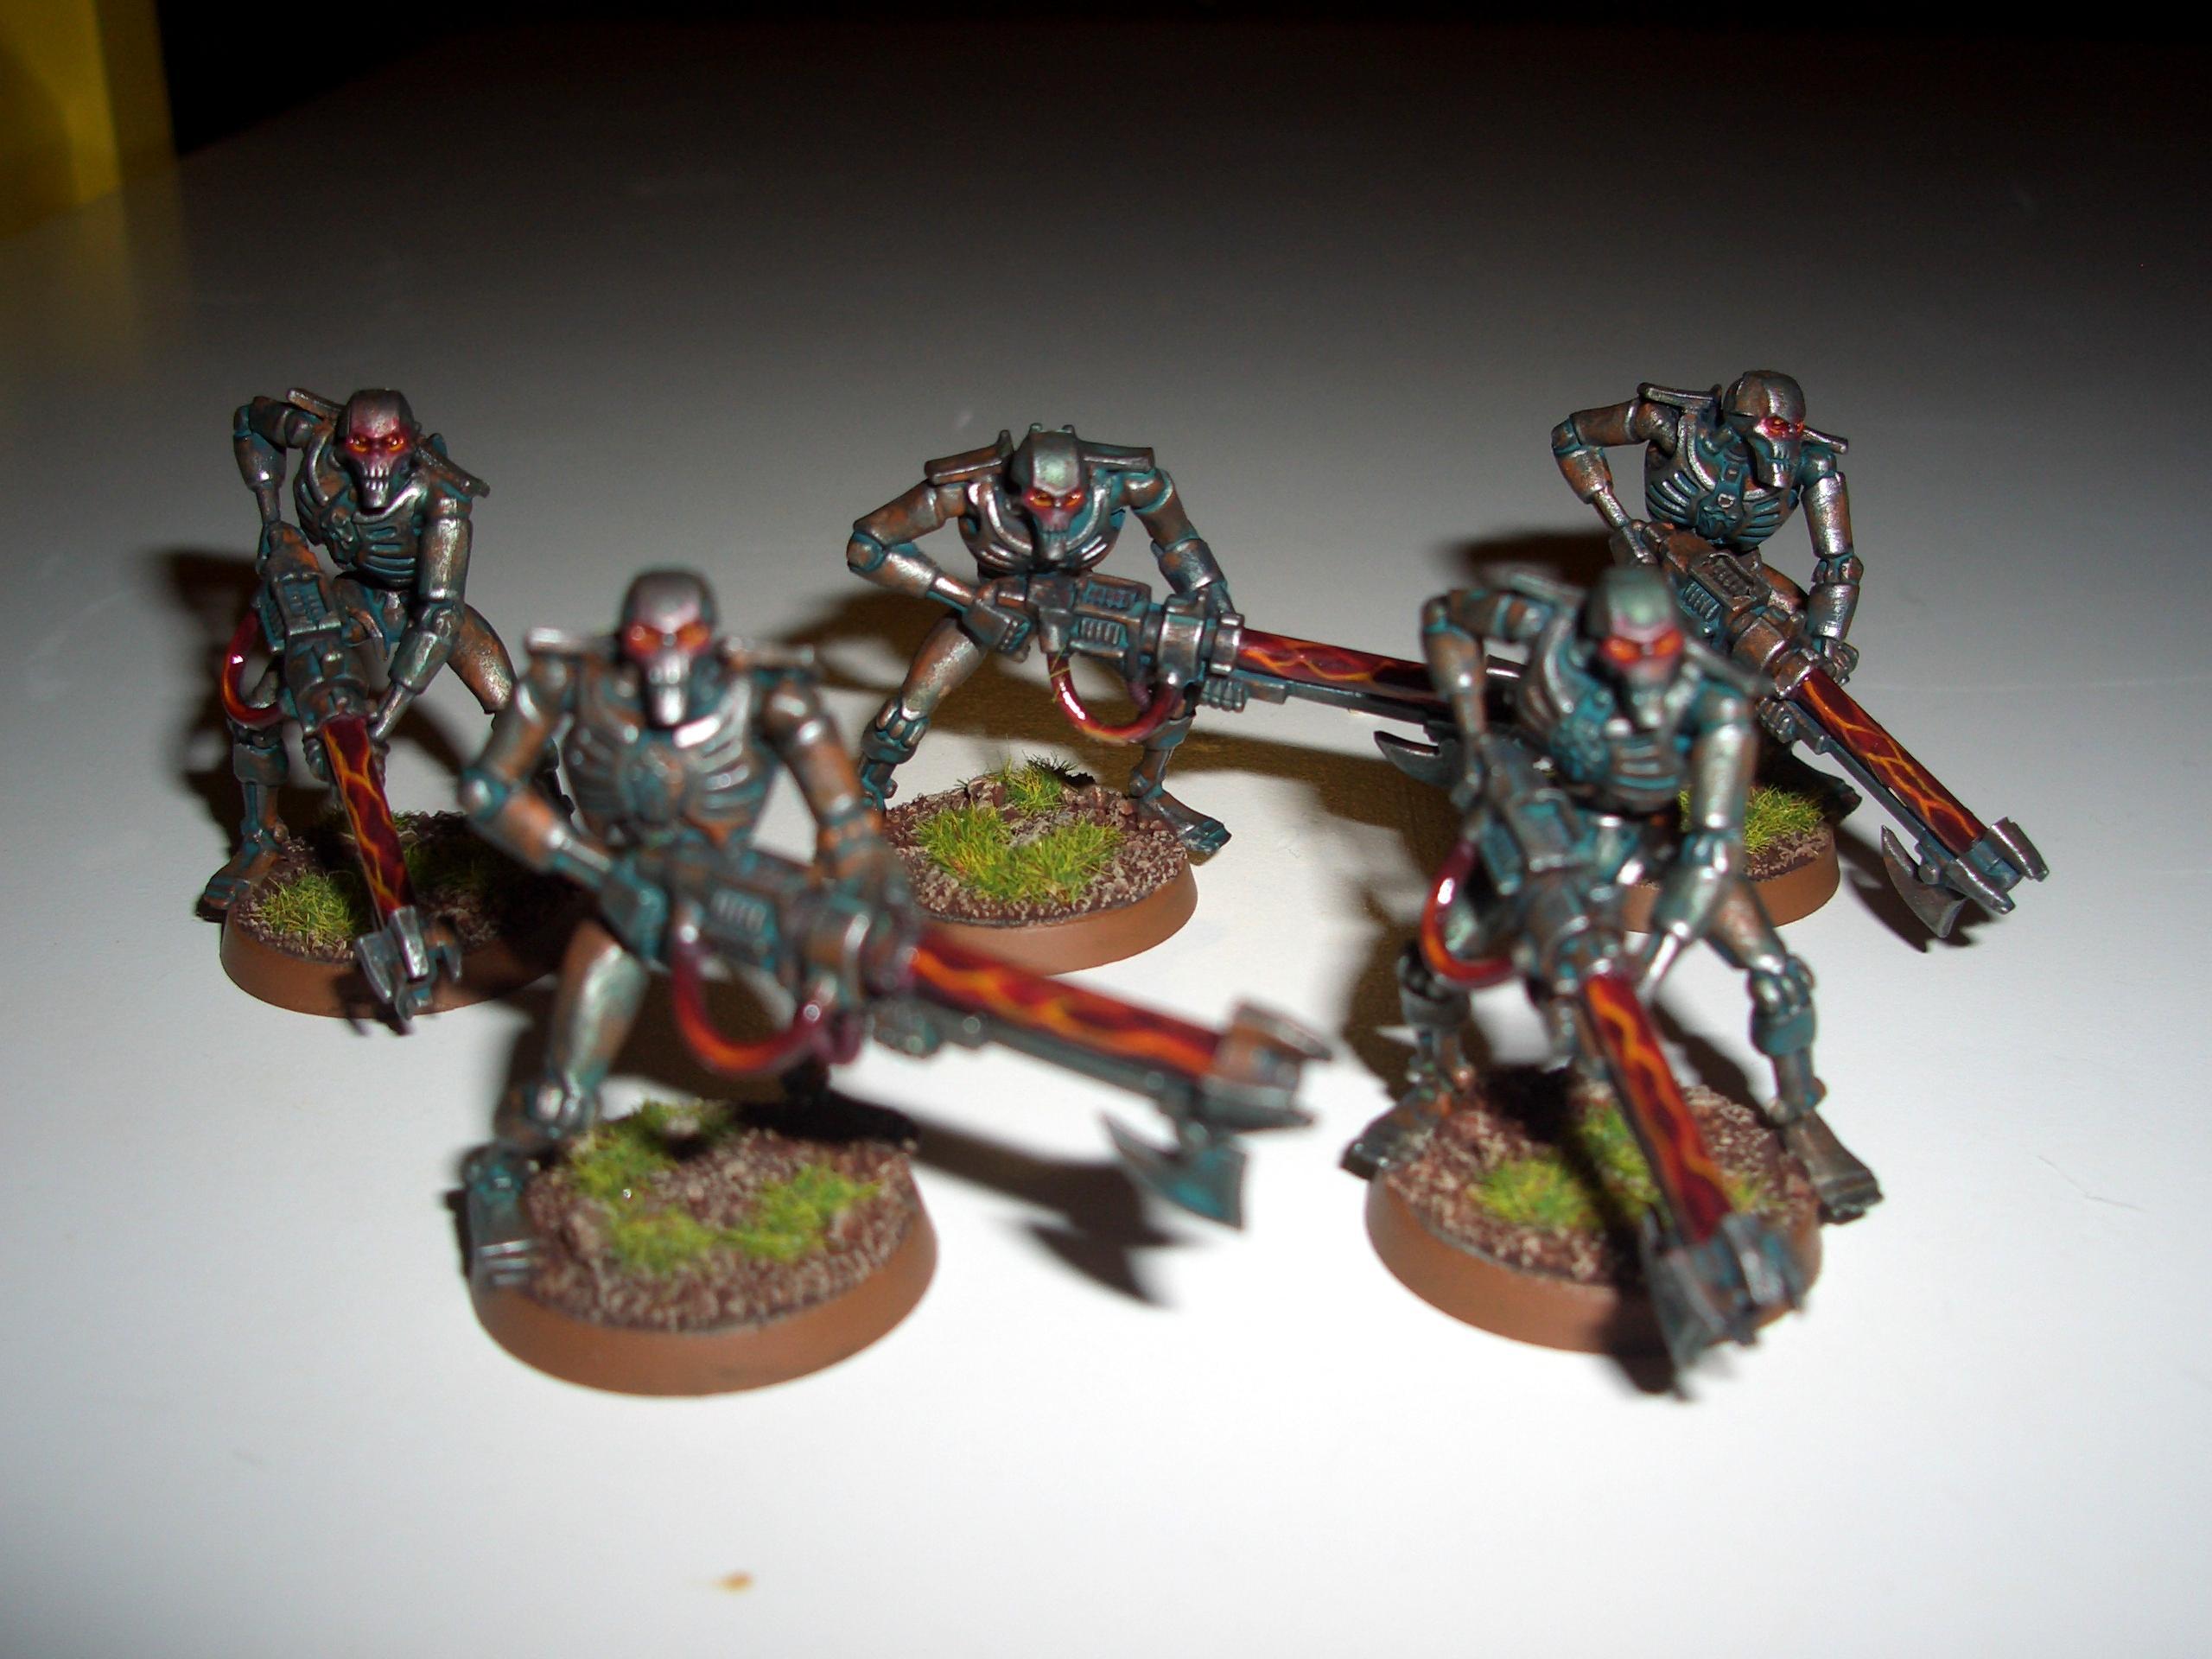 Blurred Photo, Necron Warriors, Necrons, Verdigris, Warhammer 40,000